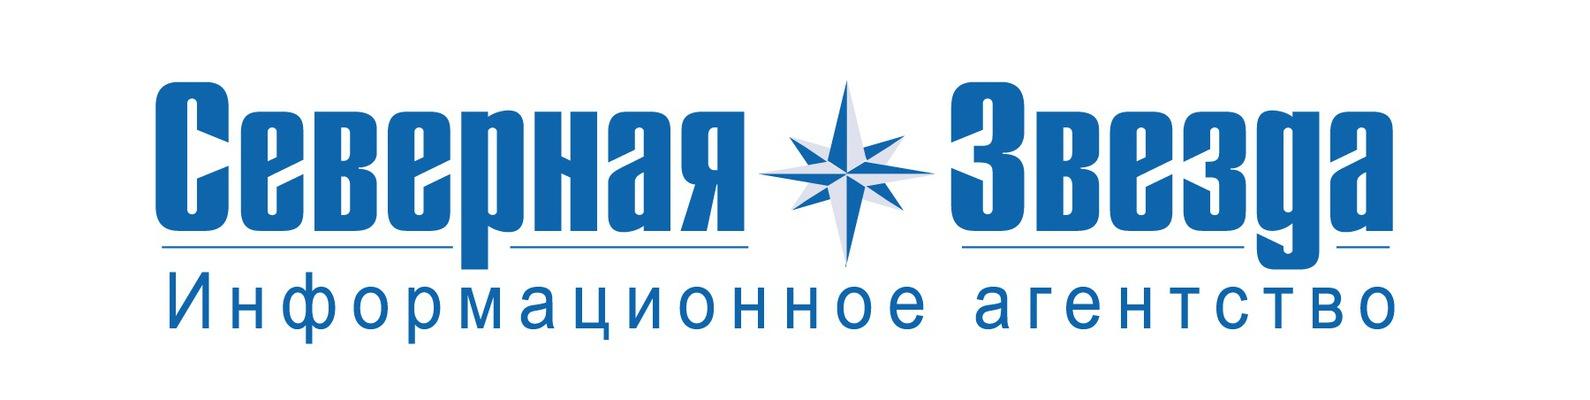 Информационное агентство «Северная Звезда»